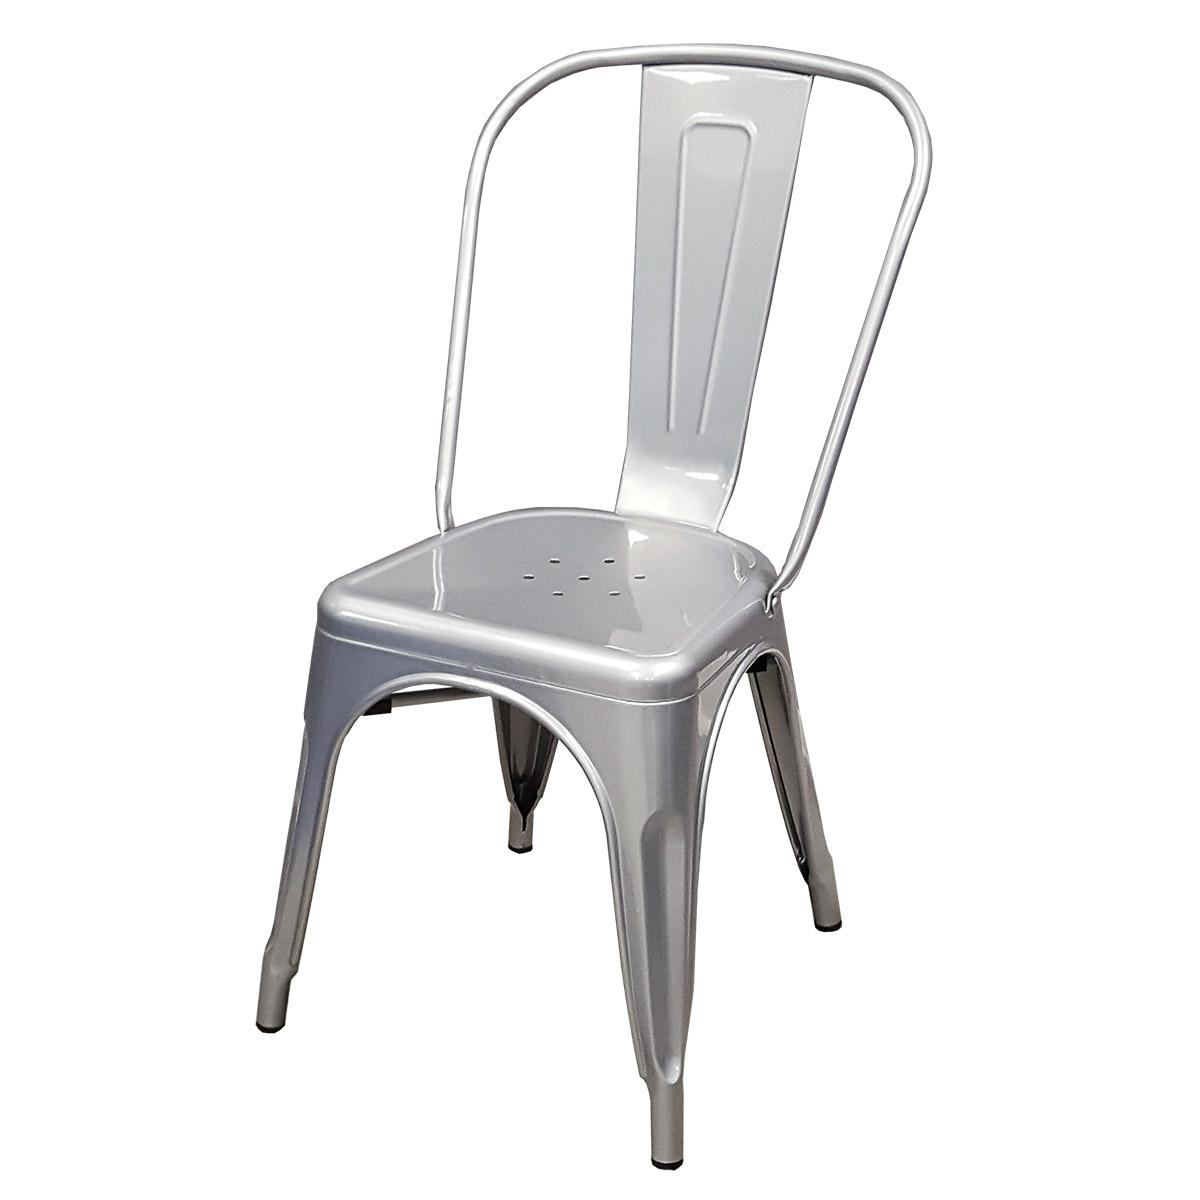 chaises tollix amazing tolix chaise a interesting tolix chaises mobilier industriel la nouvelle. Black Bedroom Furniture Sets. Home Design Ideas